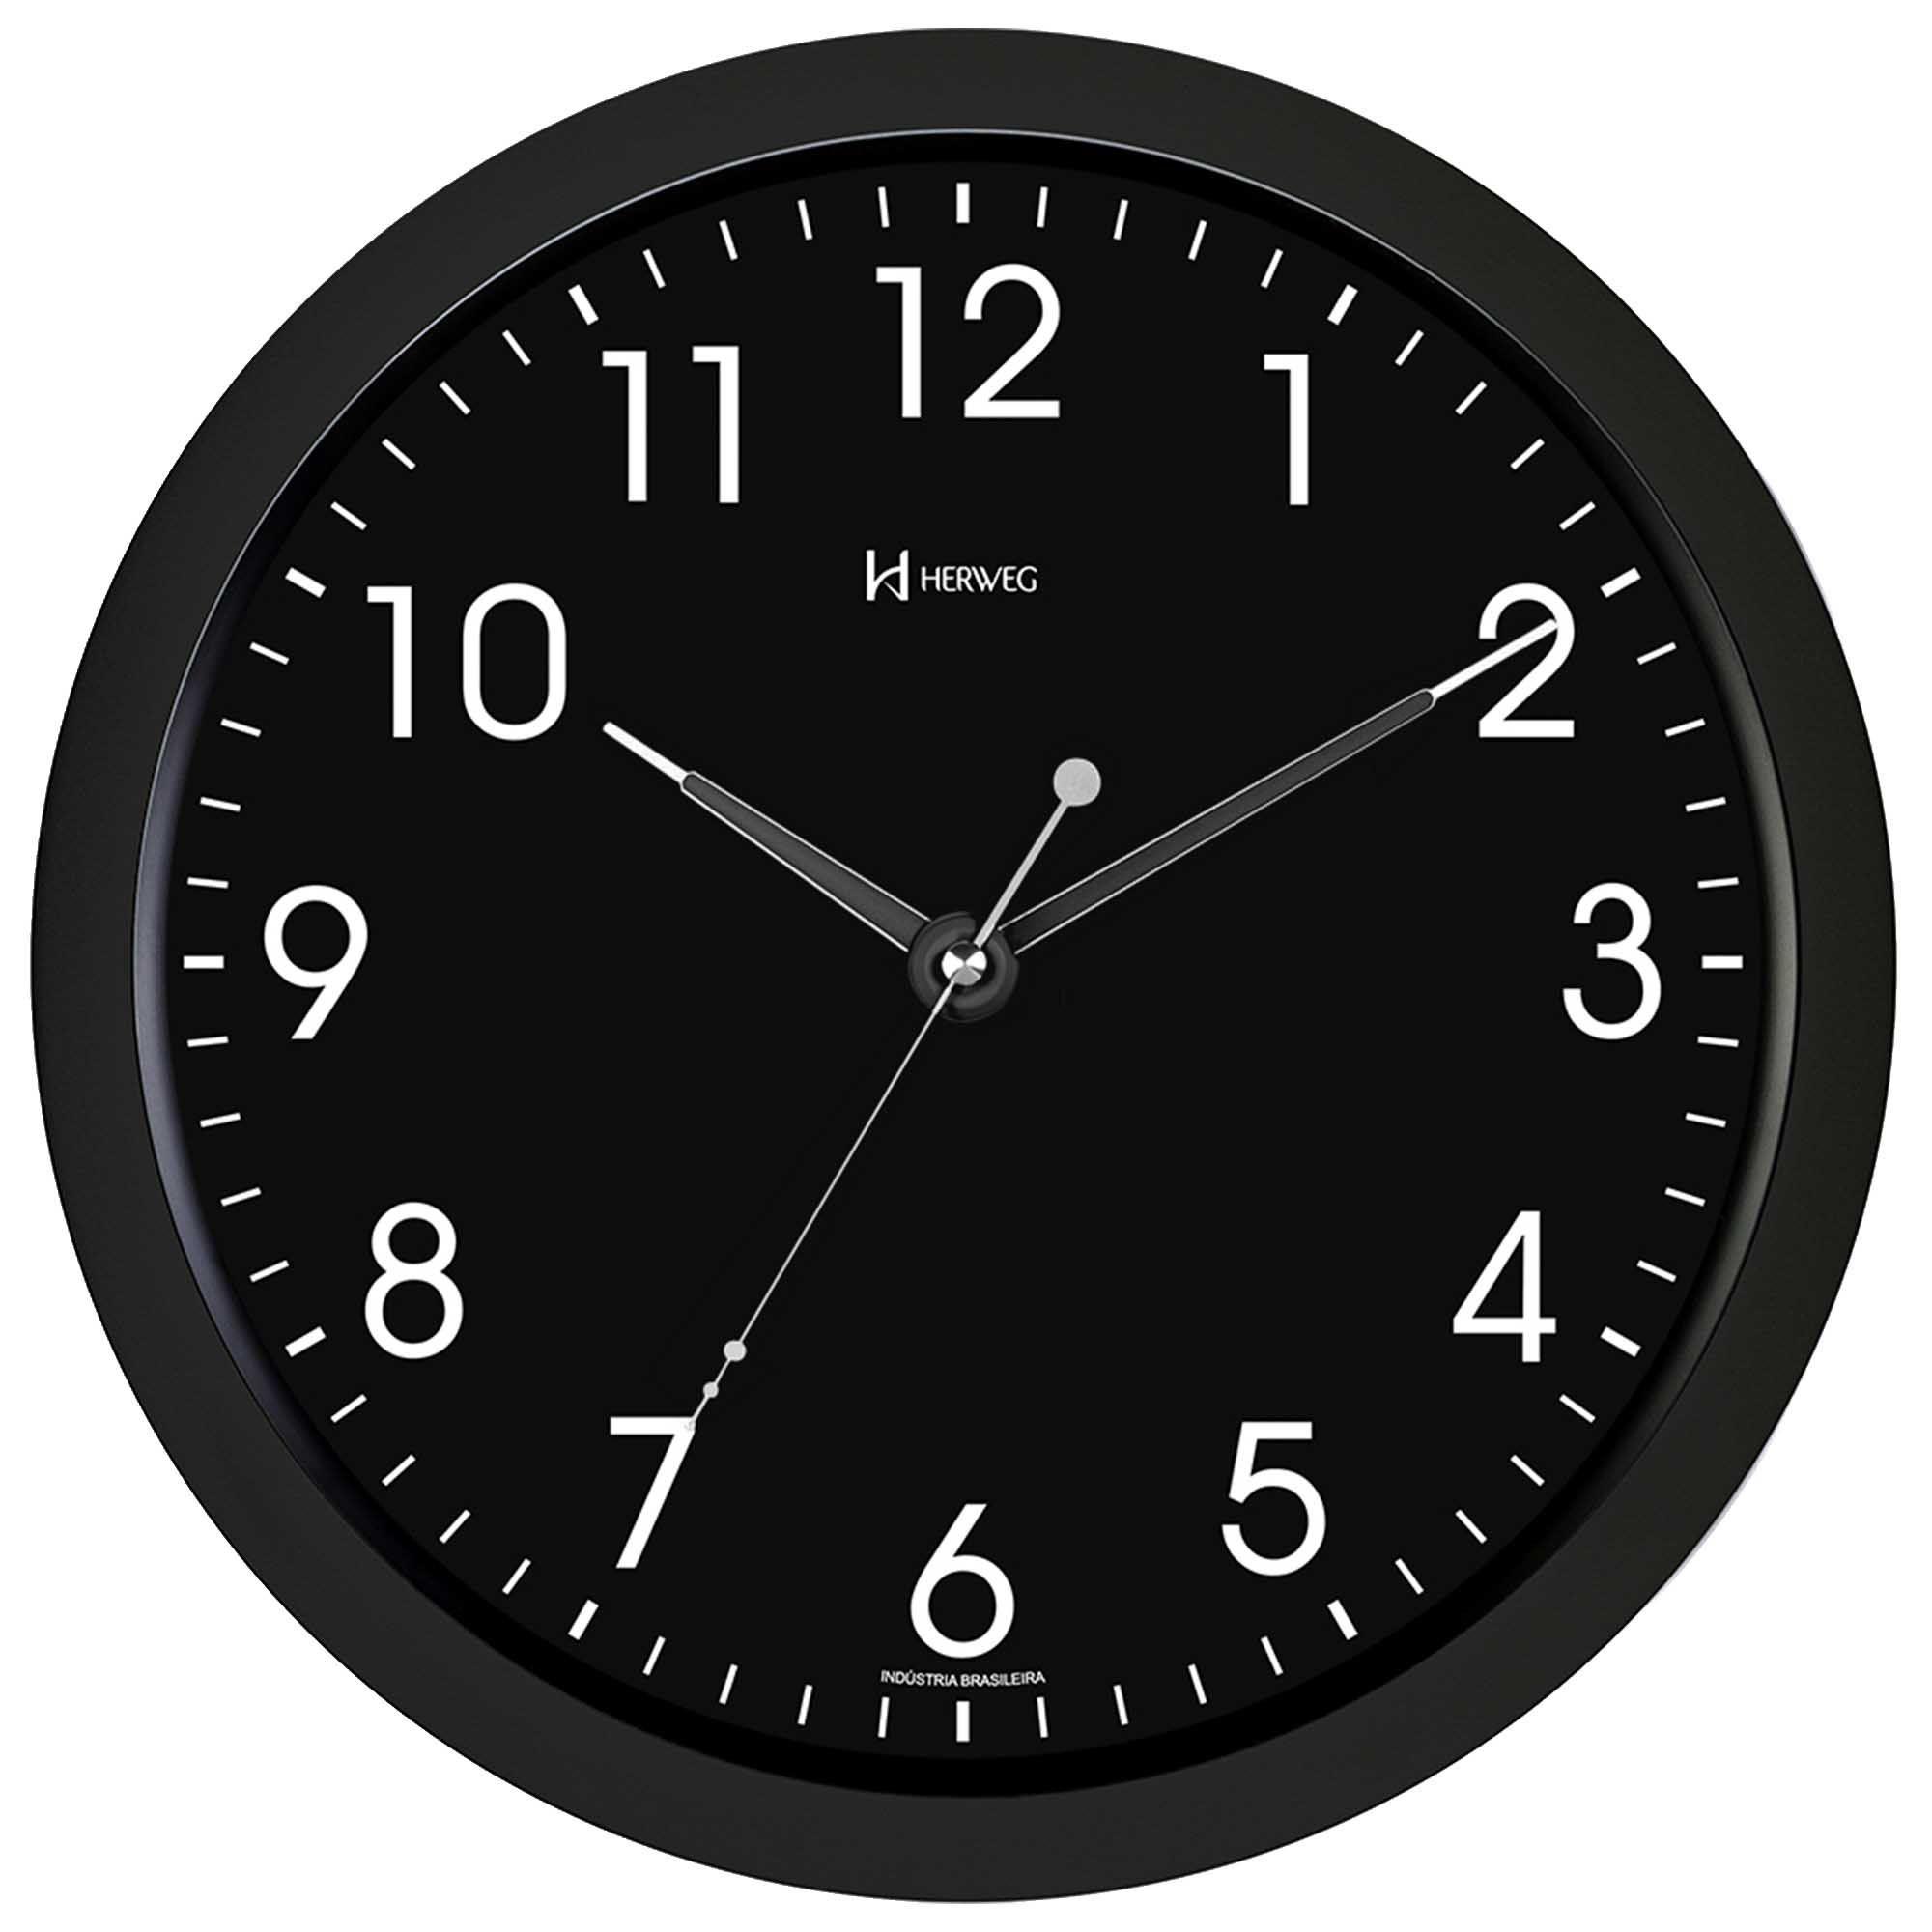 Relógio de Parede Analógico Herweg 6809 034 Preto